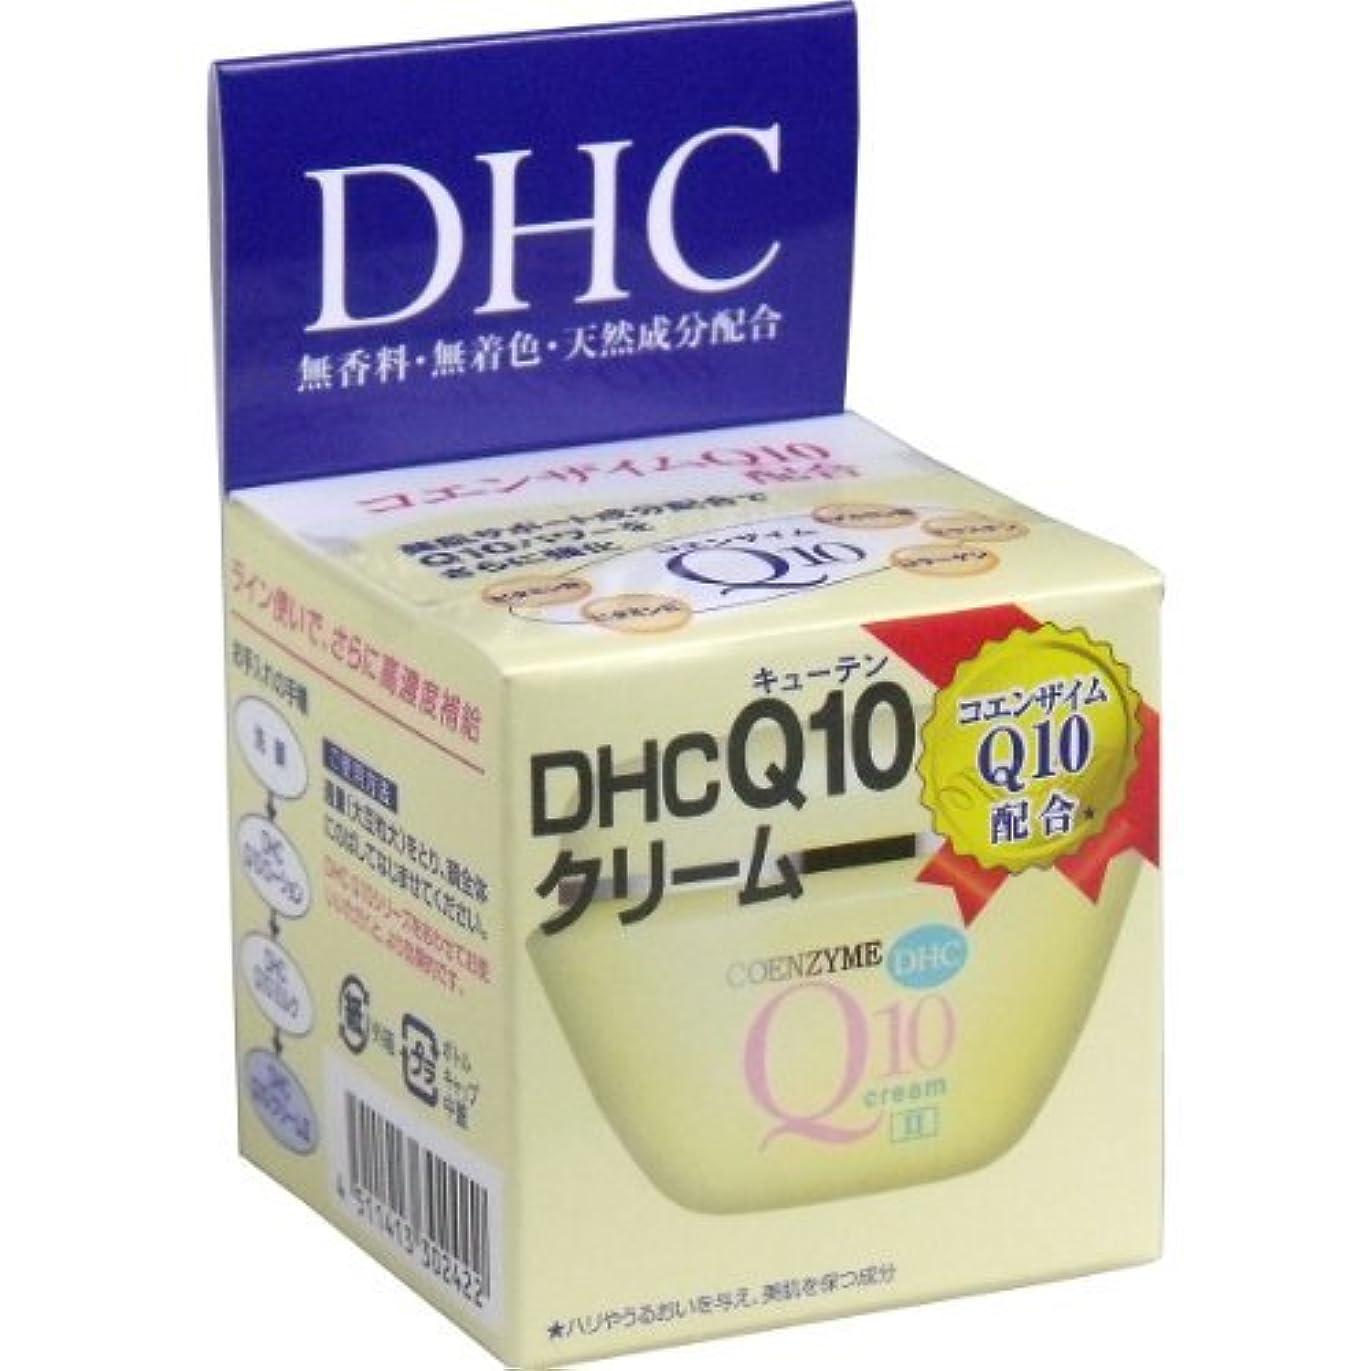 ヘビー開発する最も早いDHC?Q10クリームII (SS) 20g (フェイスクリーム) [並行輸入品]